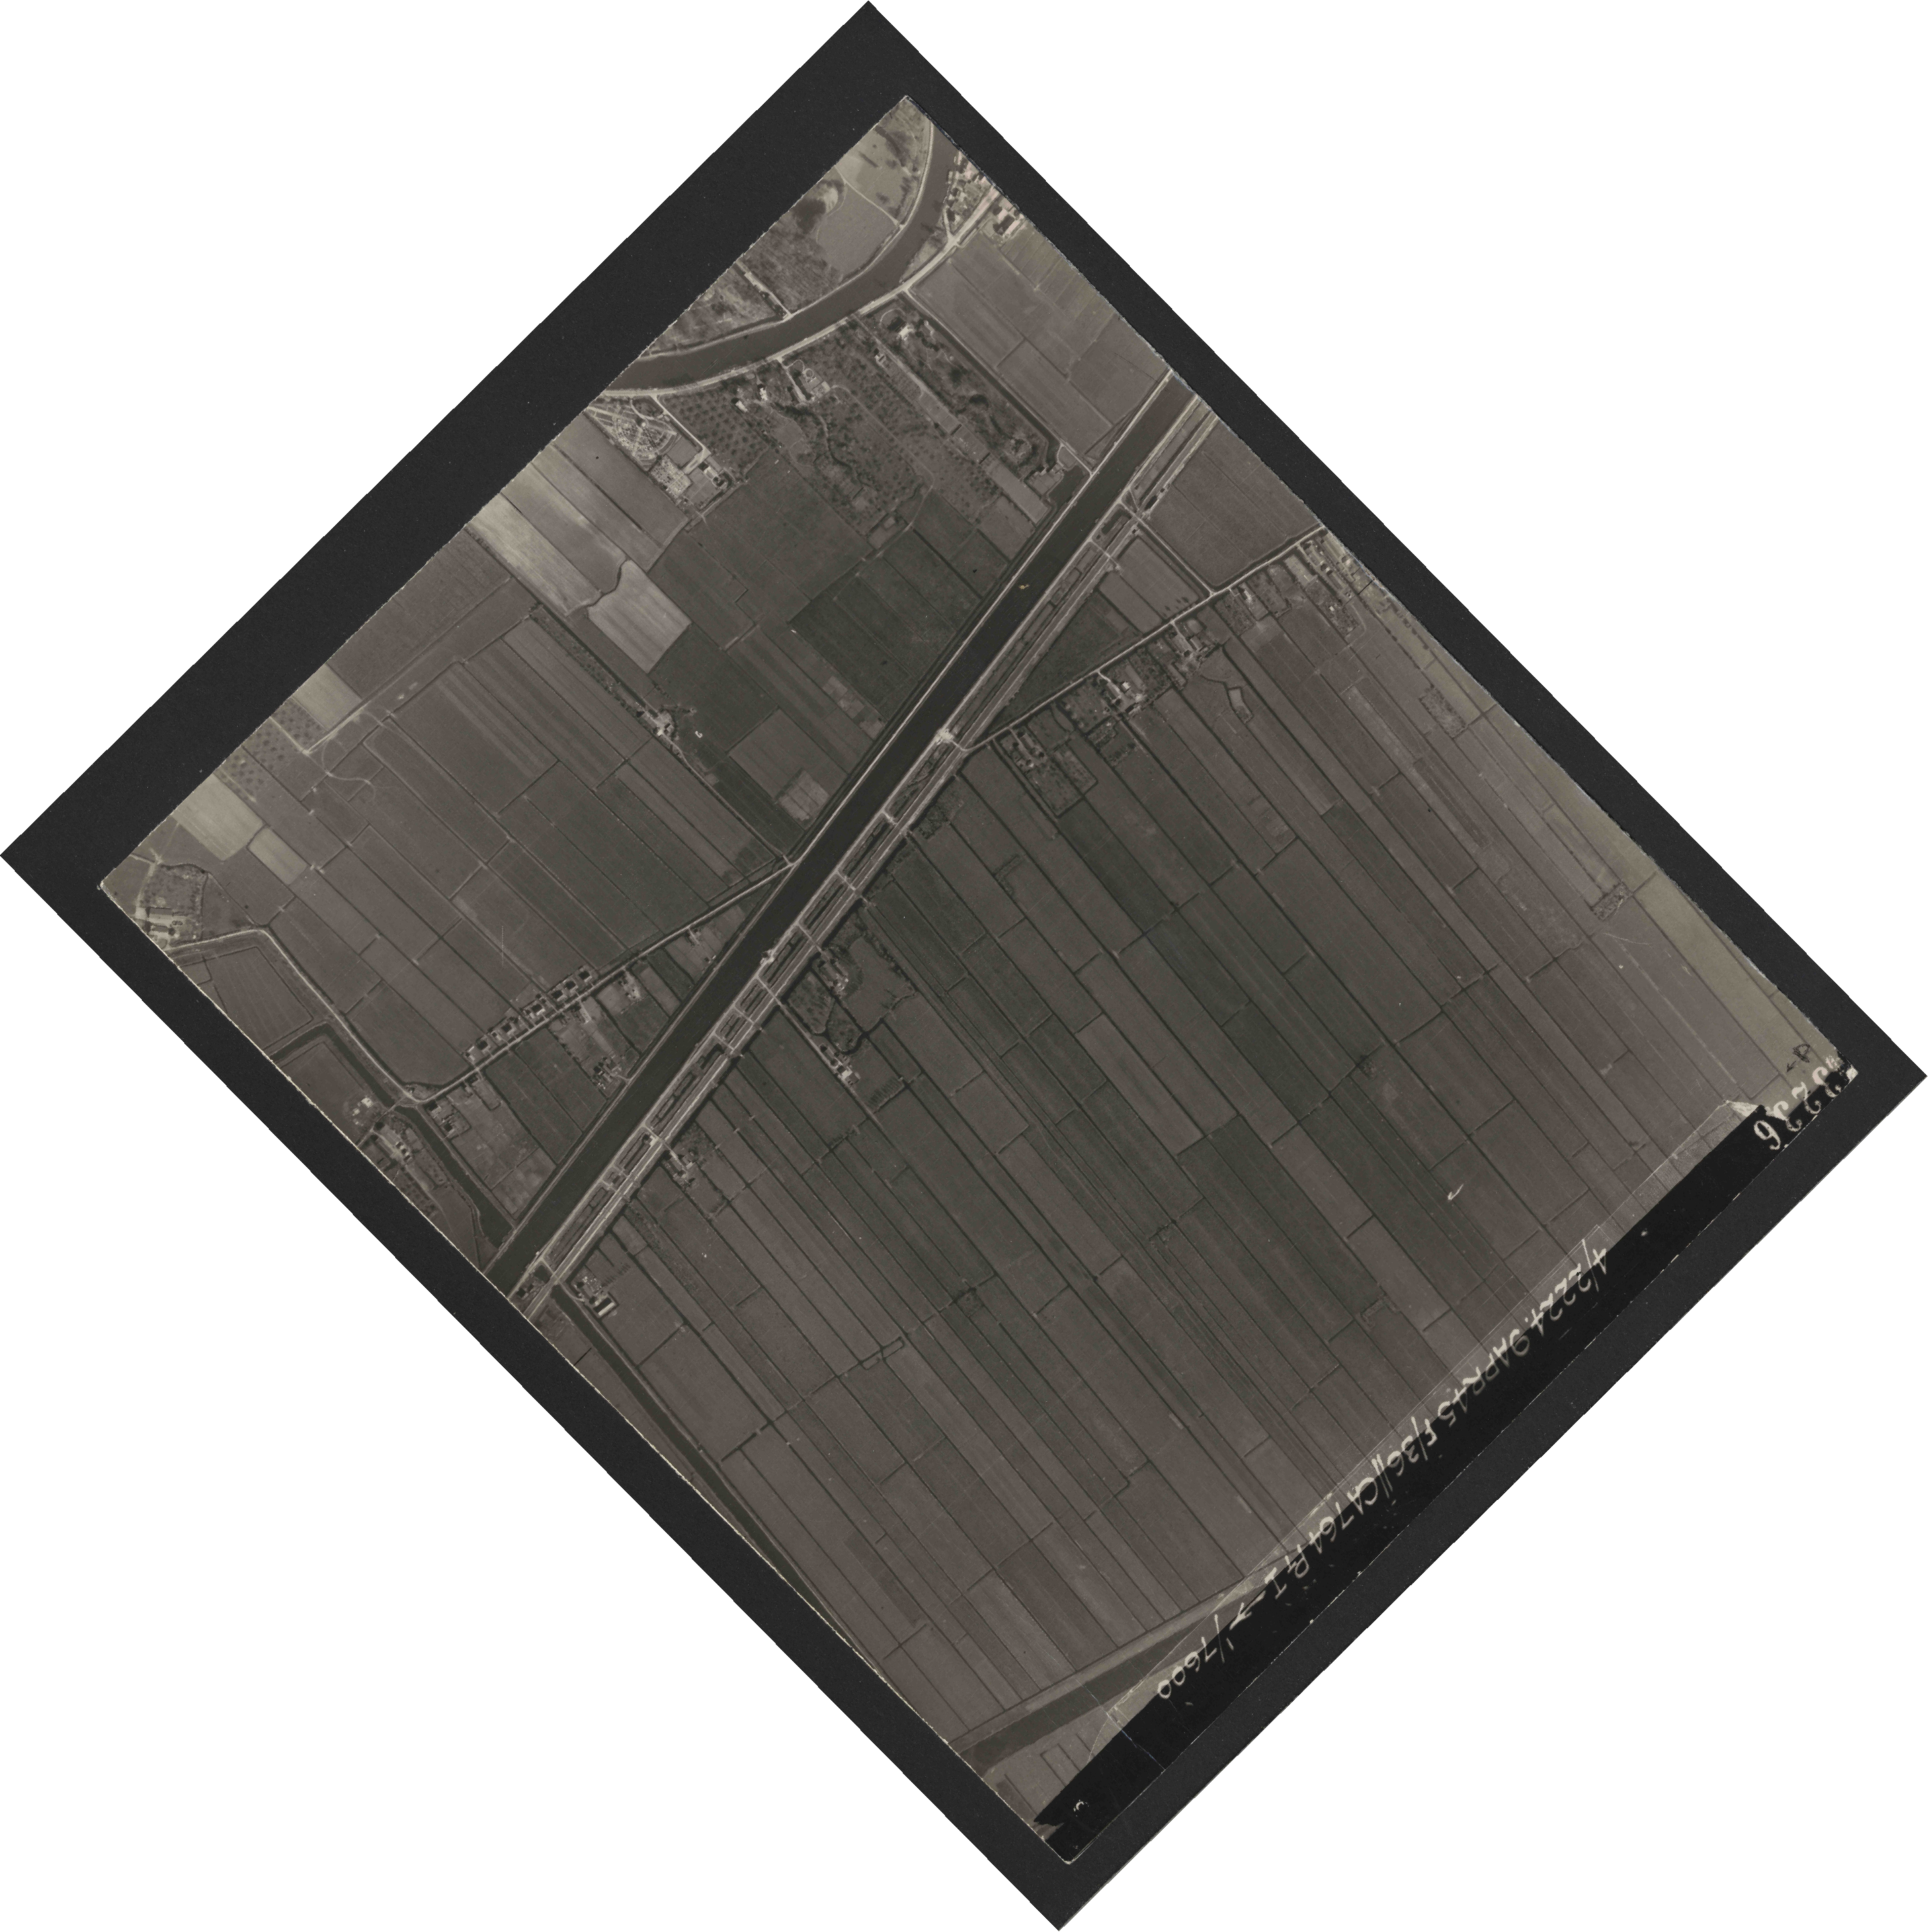 Collection RAF aerial photos 1940-1945 - flight 271, run 13, photo 3236